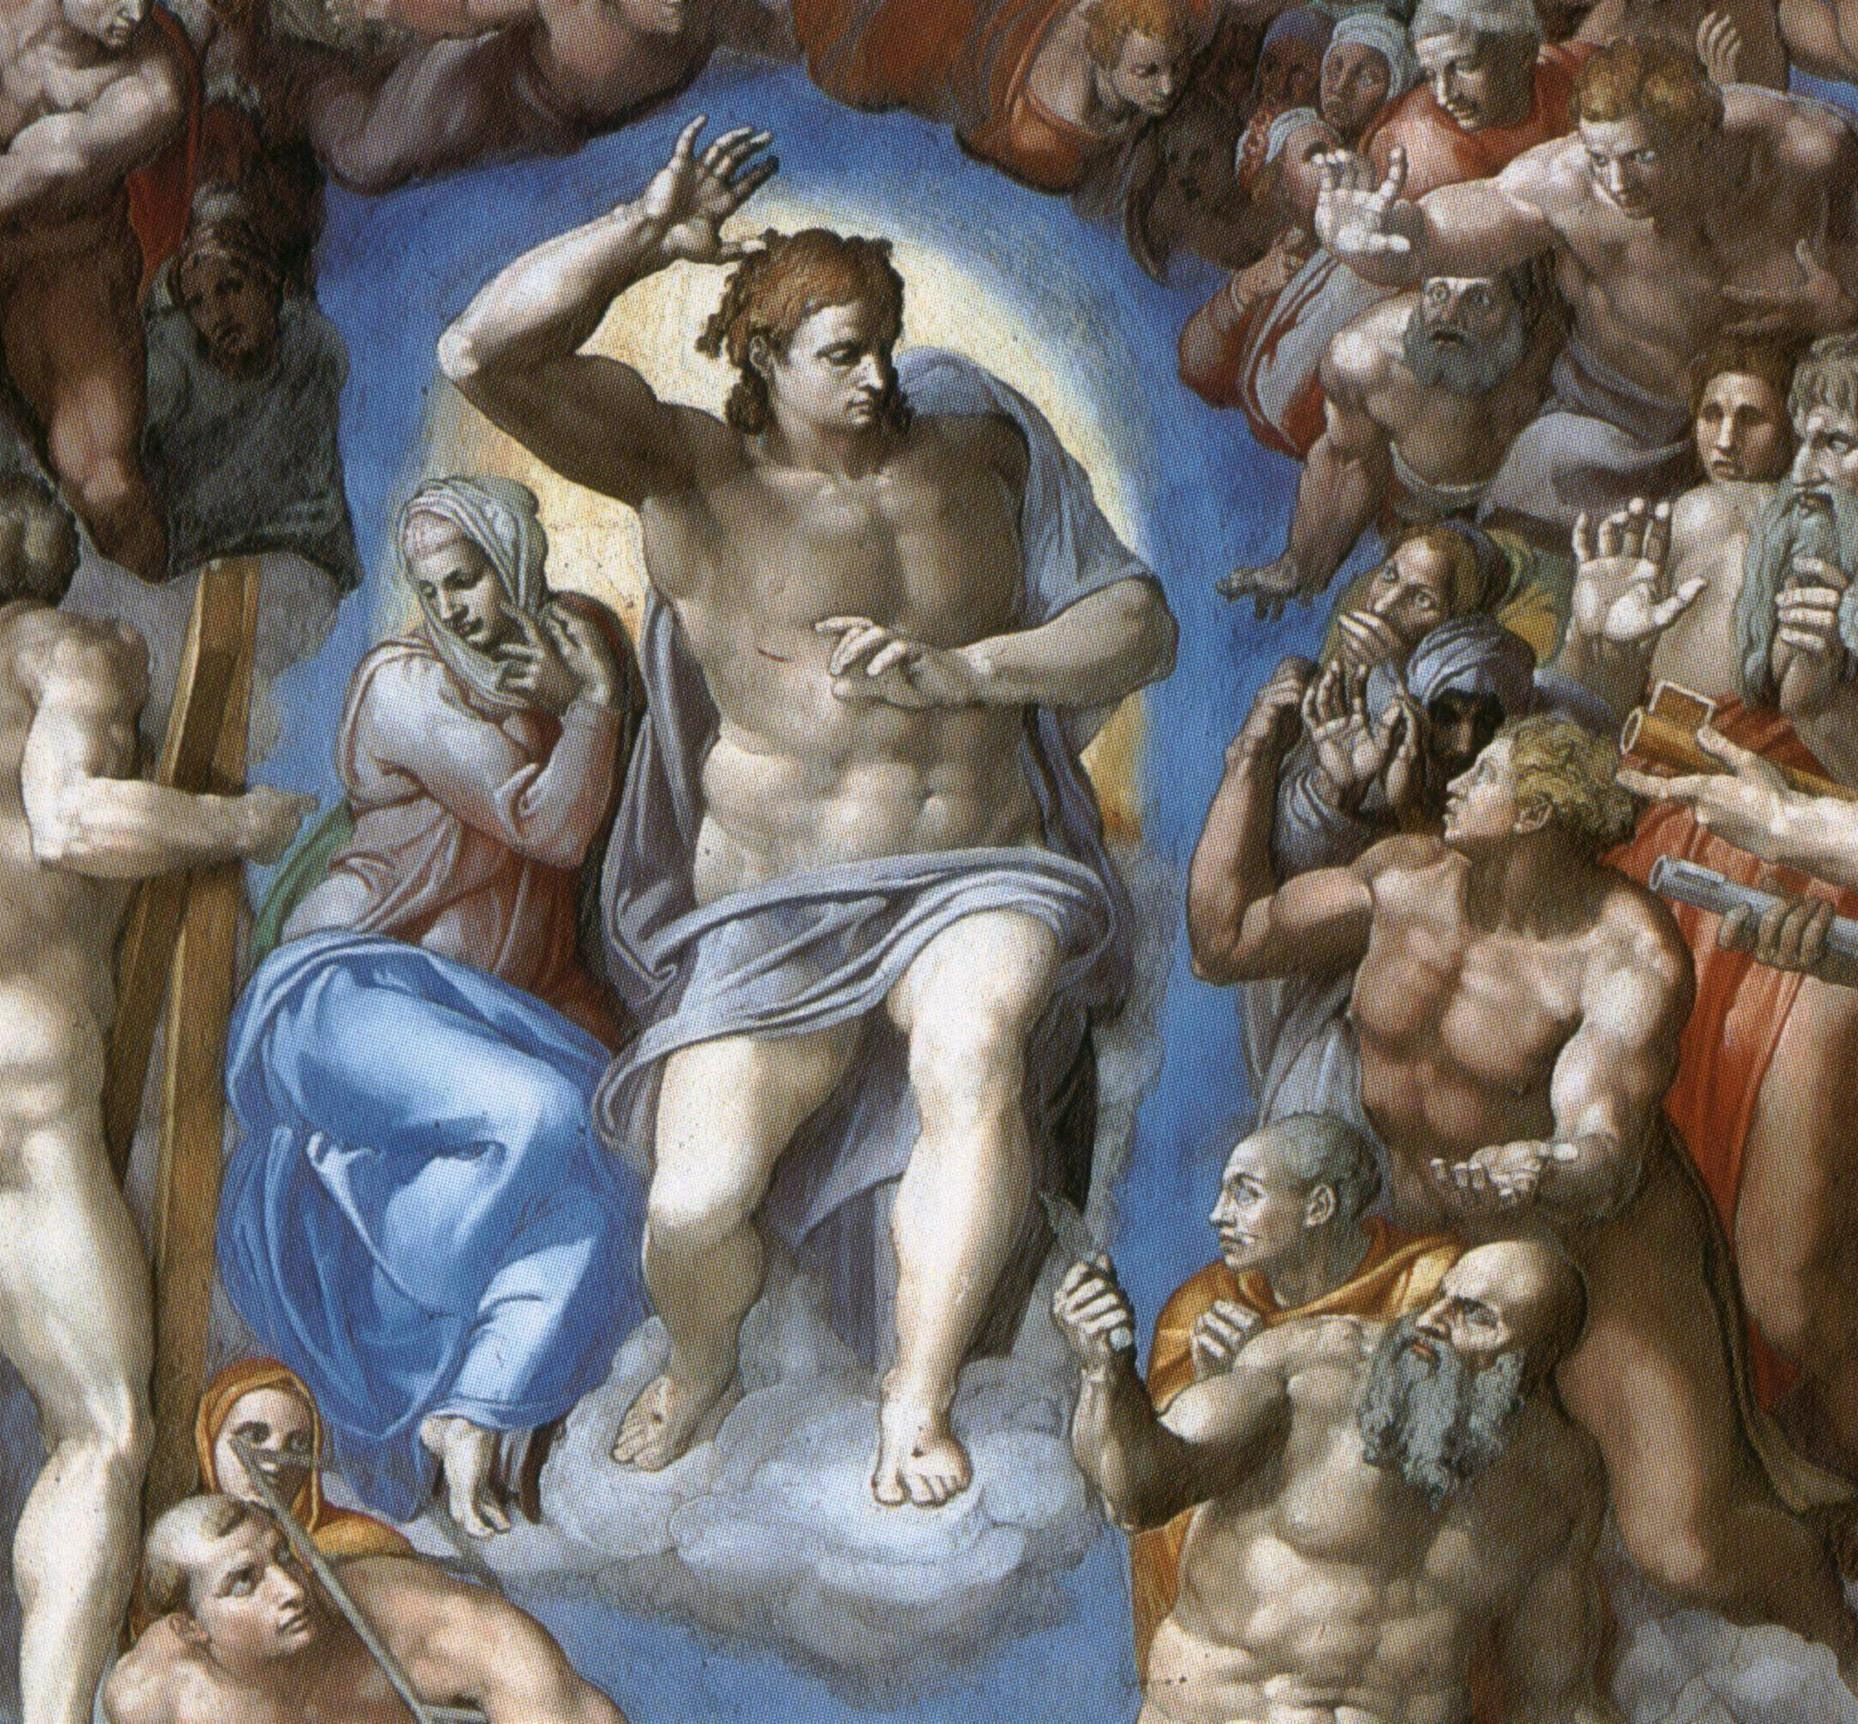 Христос-Судья и Богородица. Фрагмент фрески «Страшный суд». Микеланджело